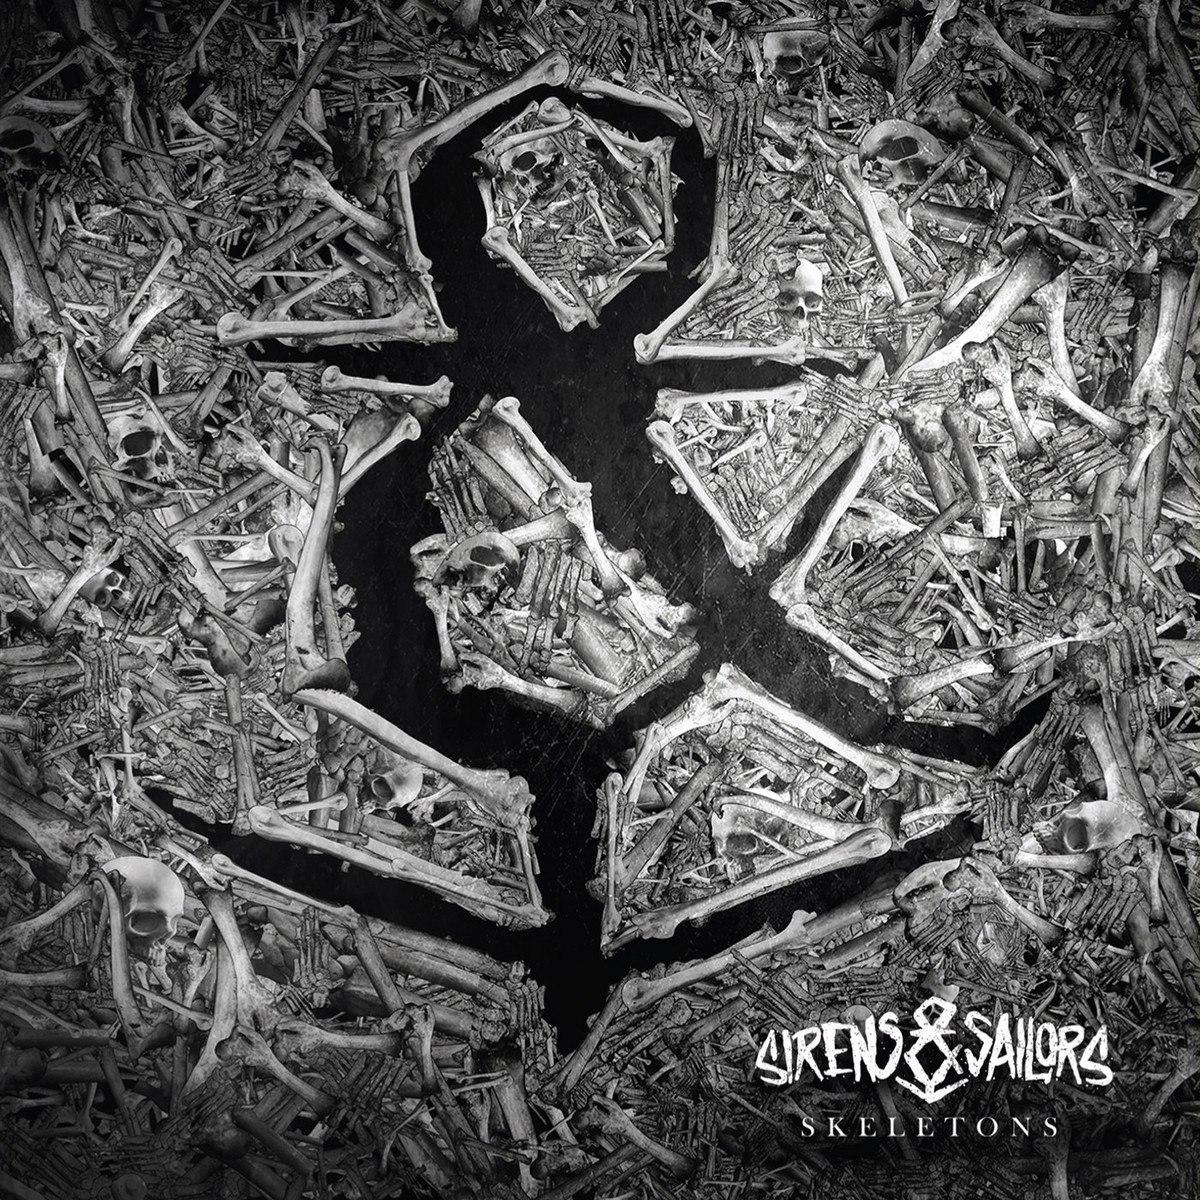 Sirens & Sailors - Skeletons (2013)